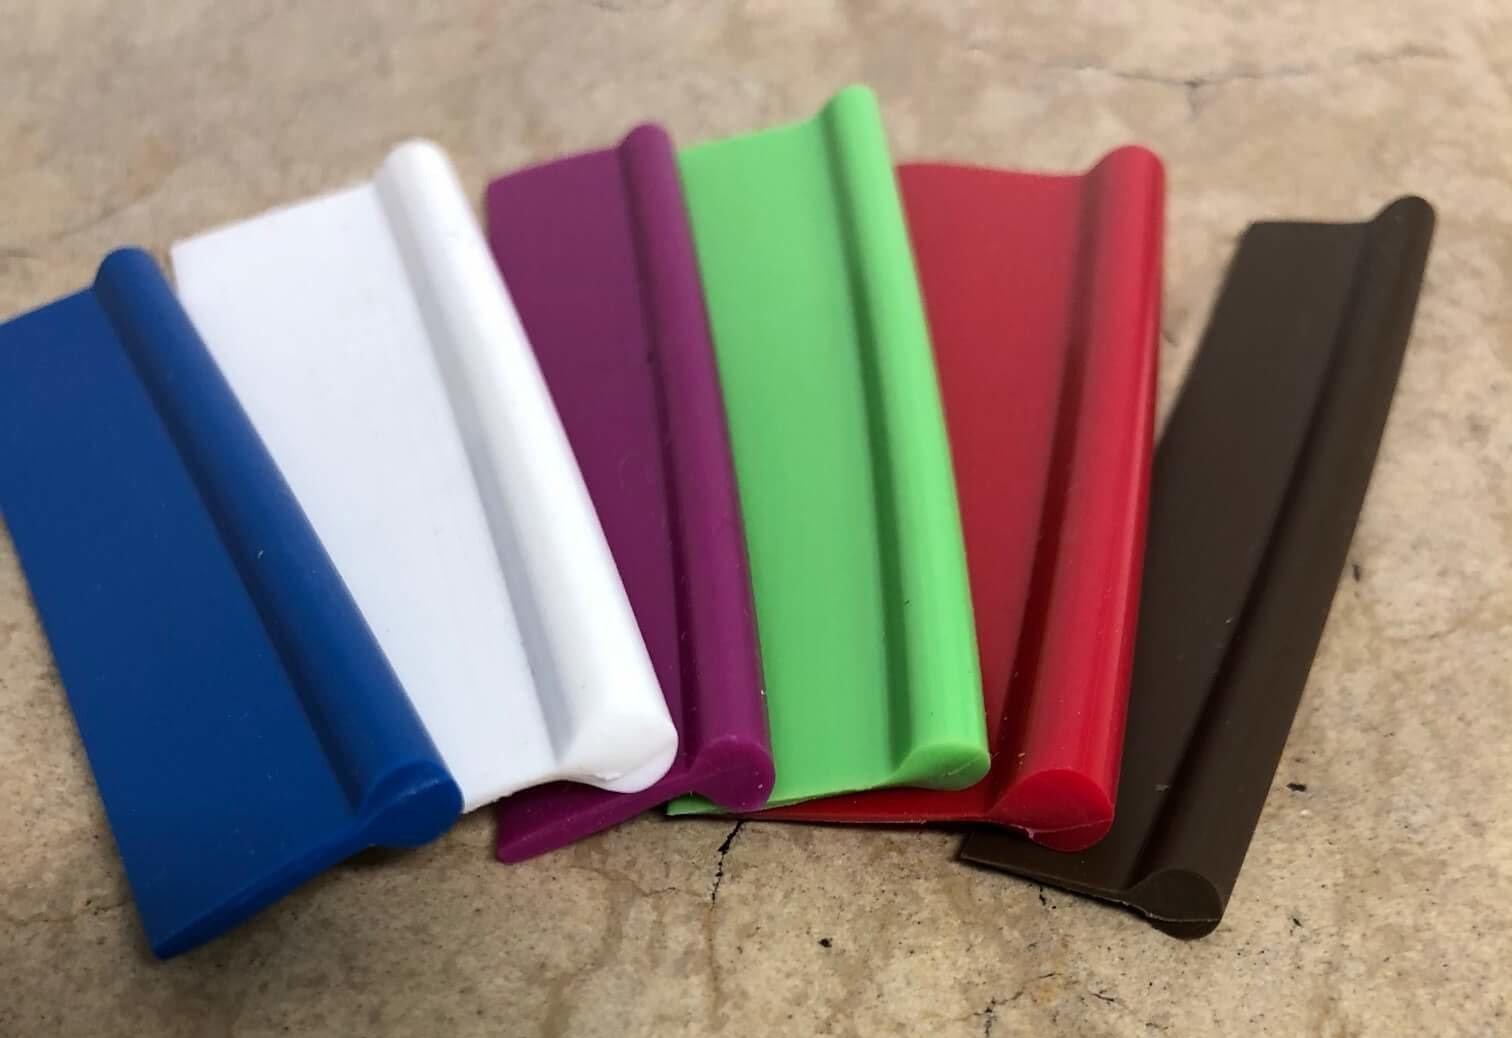 Keder mit Fahne in verschiedenen Farben